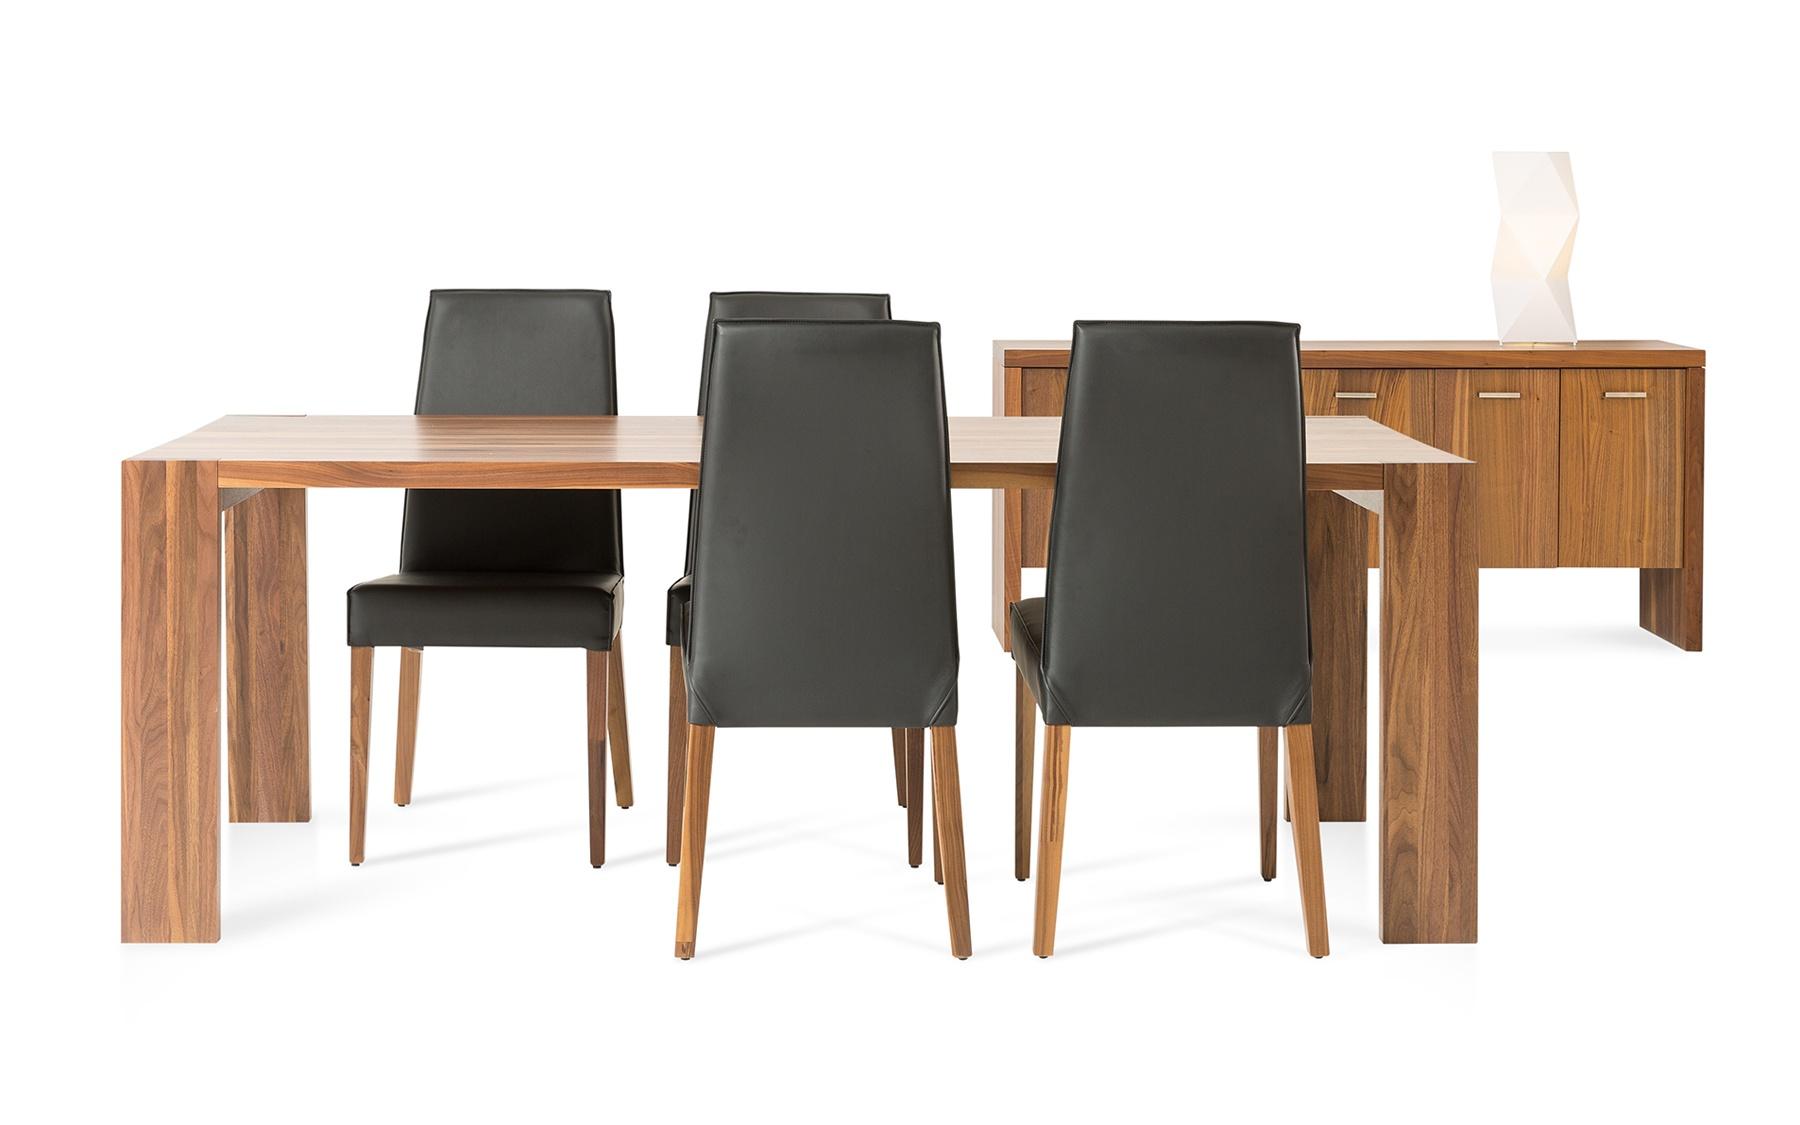 Chaise co529 chaises salles manger la galerie du meuble - La galerie du meuble contemporain ...